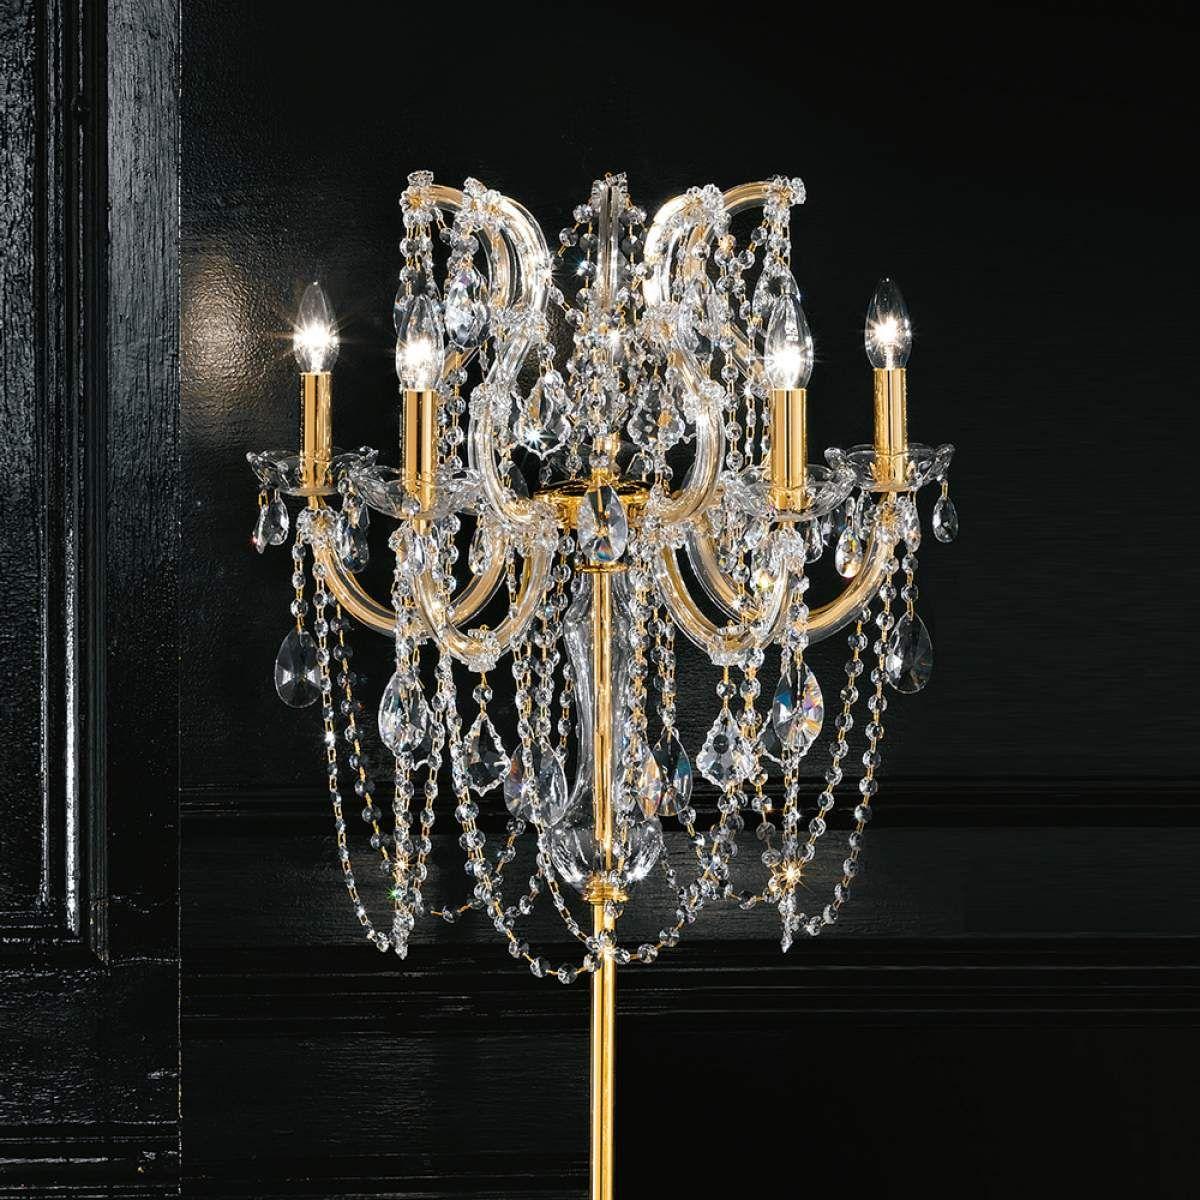 Kristall Stehlampe Annino Von Masiero Gold Swarovski Stehlampe